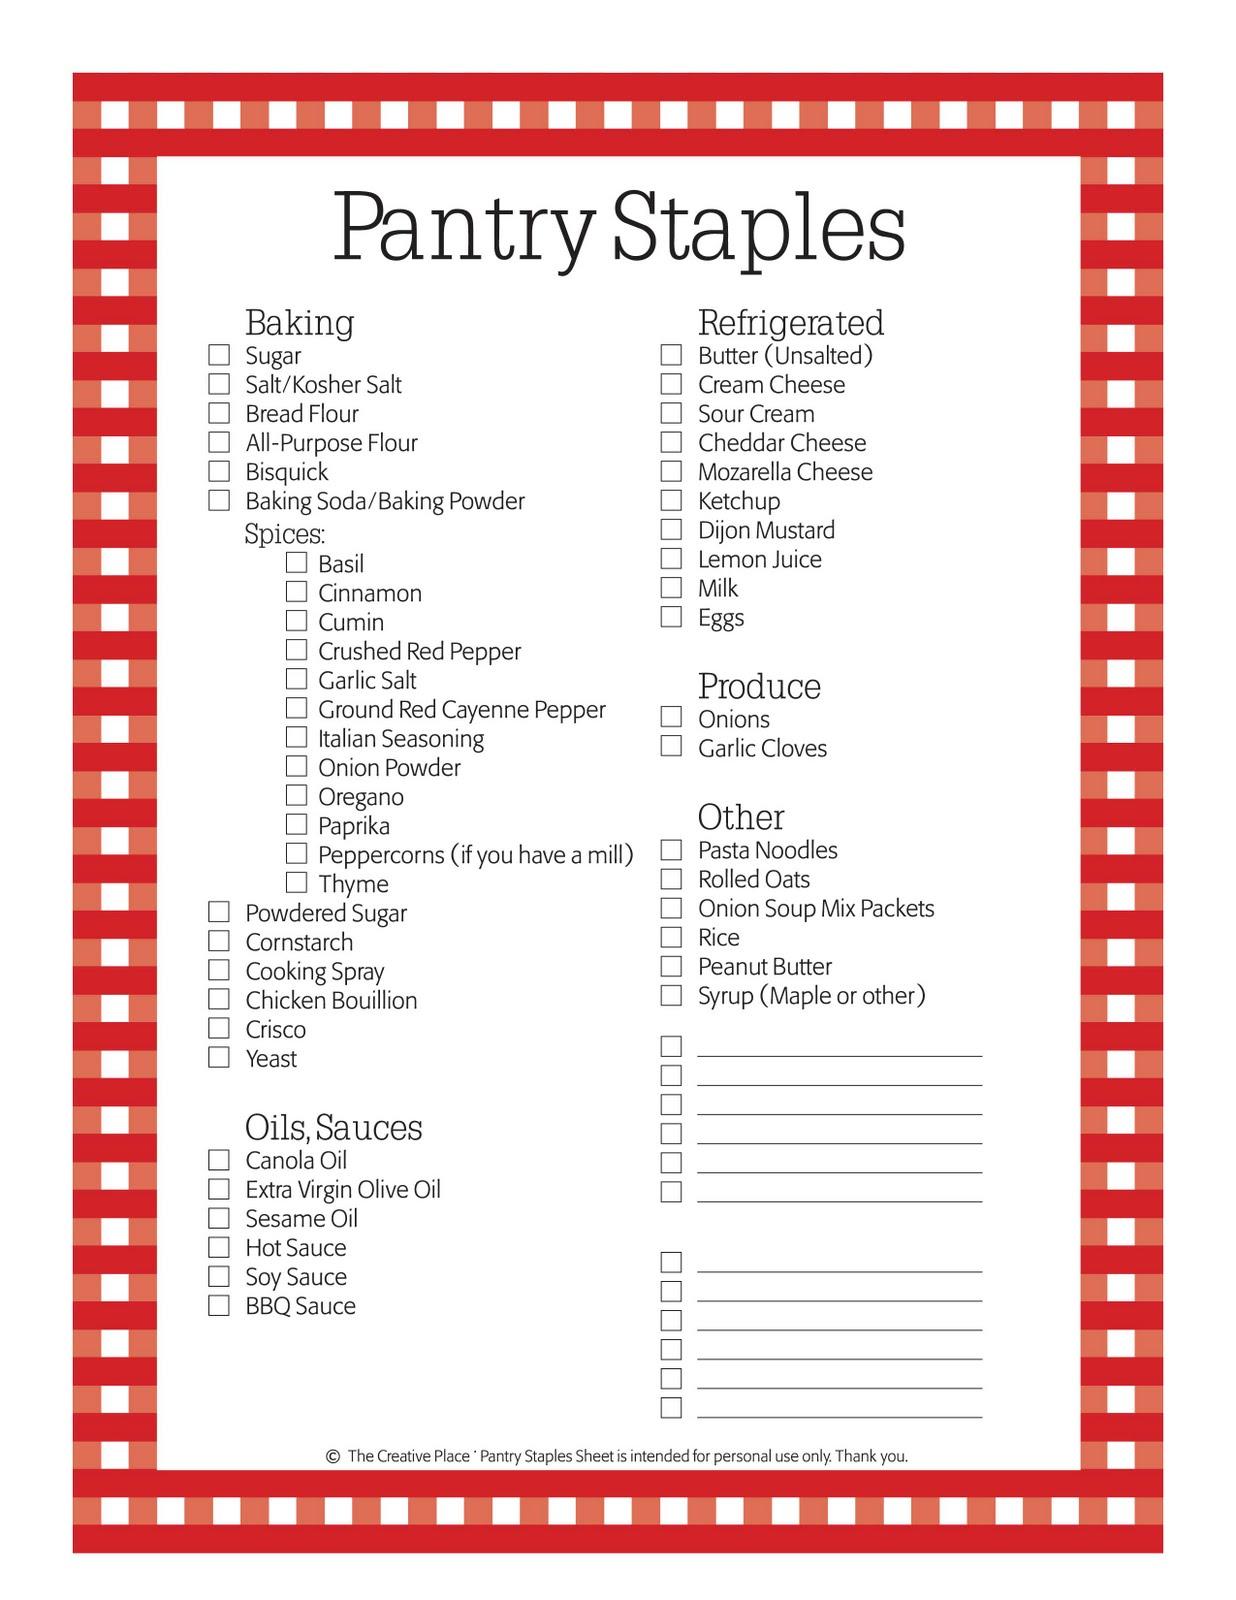 Simplicity image regarding pantry staples list printable